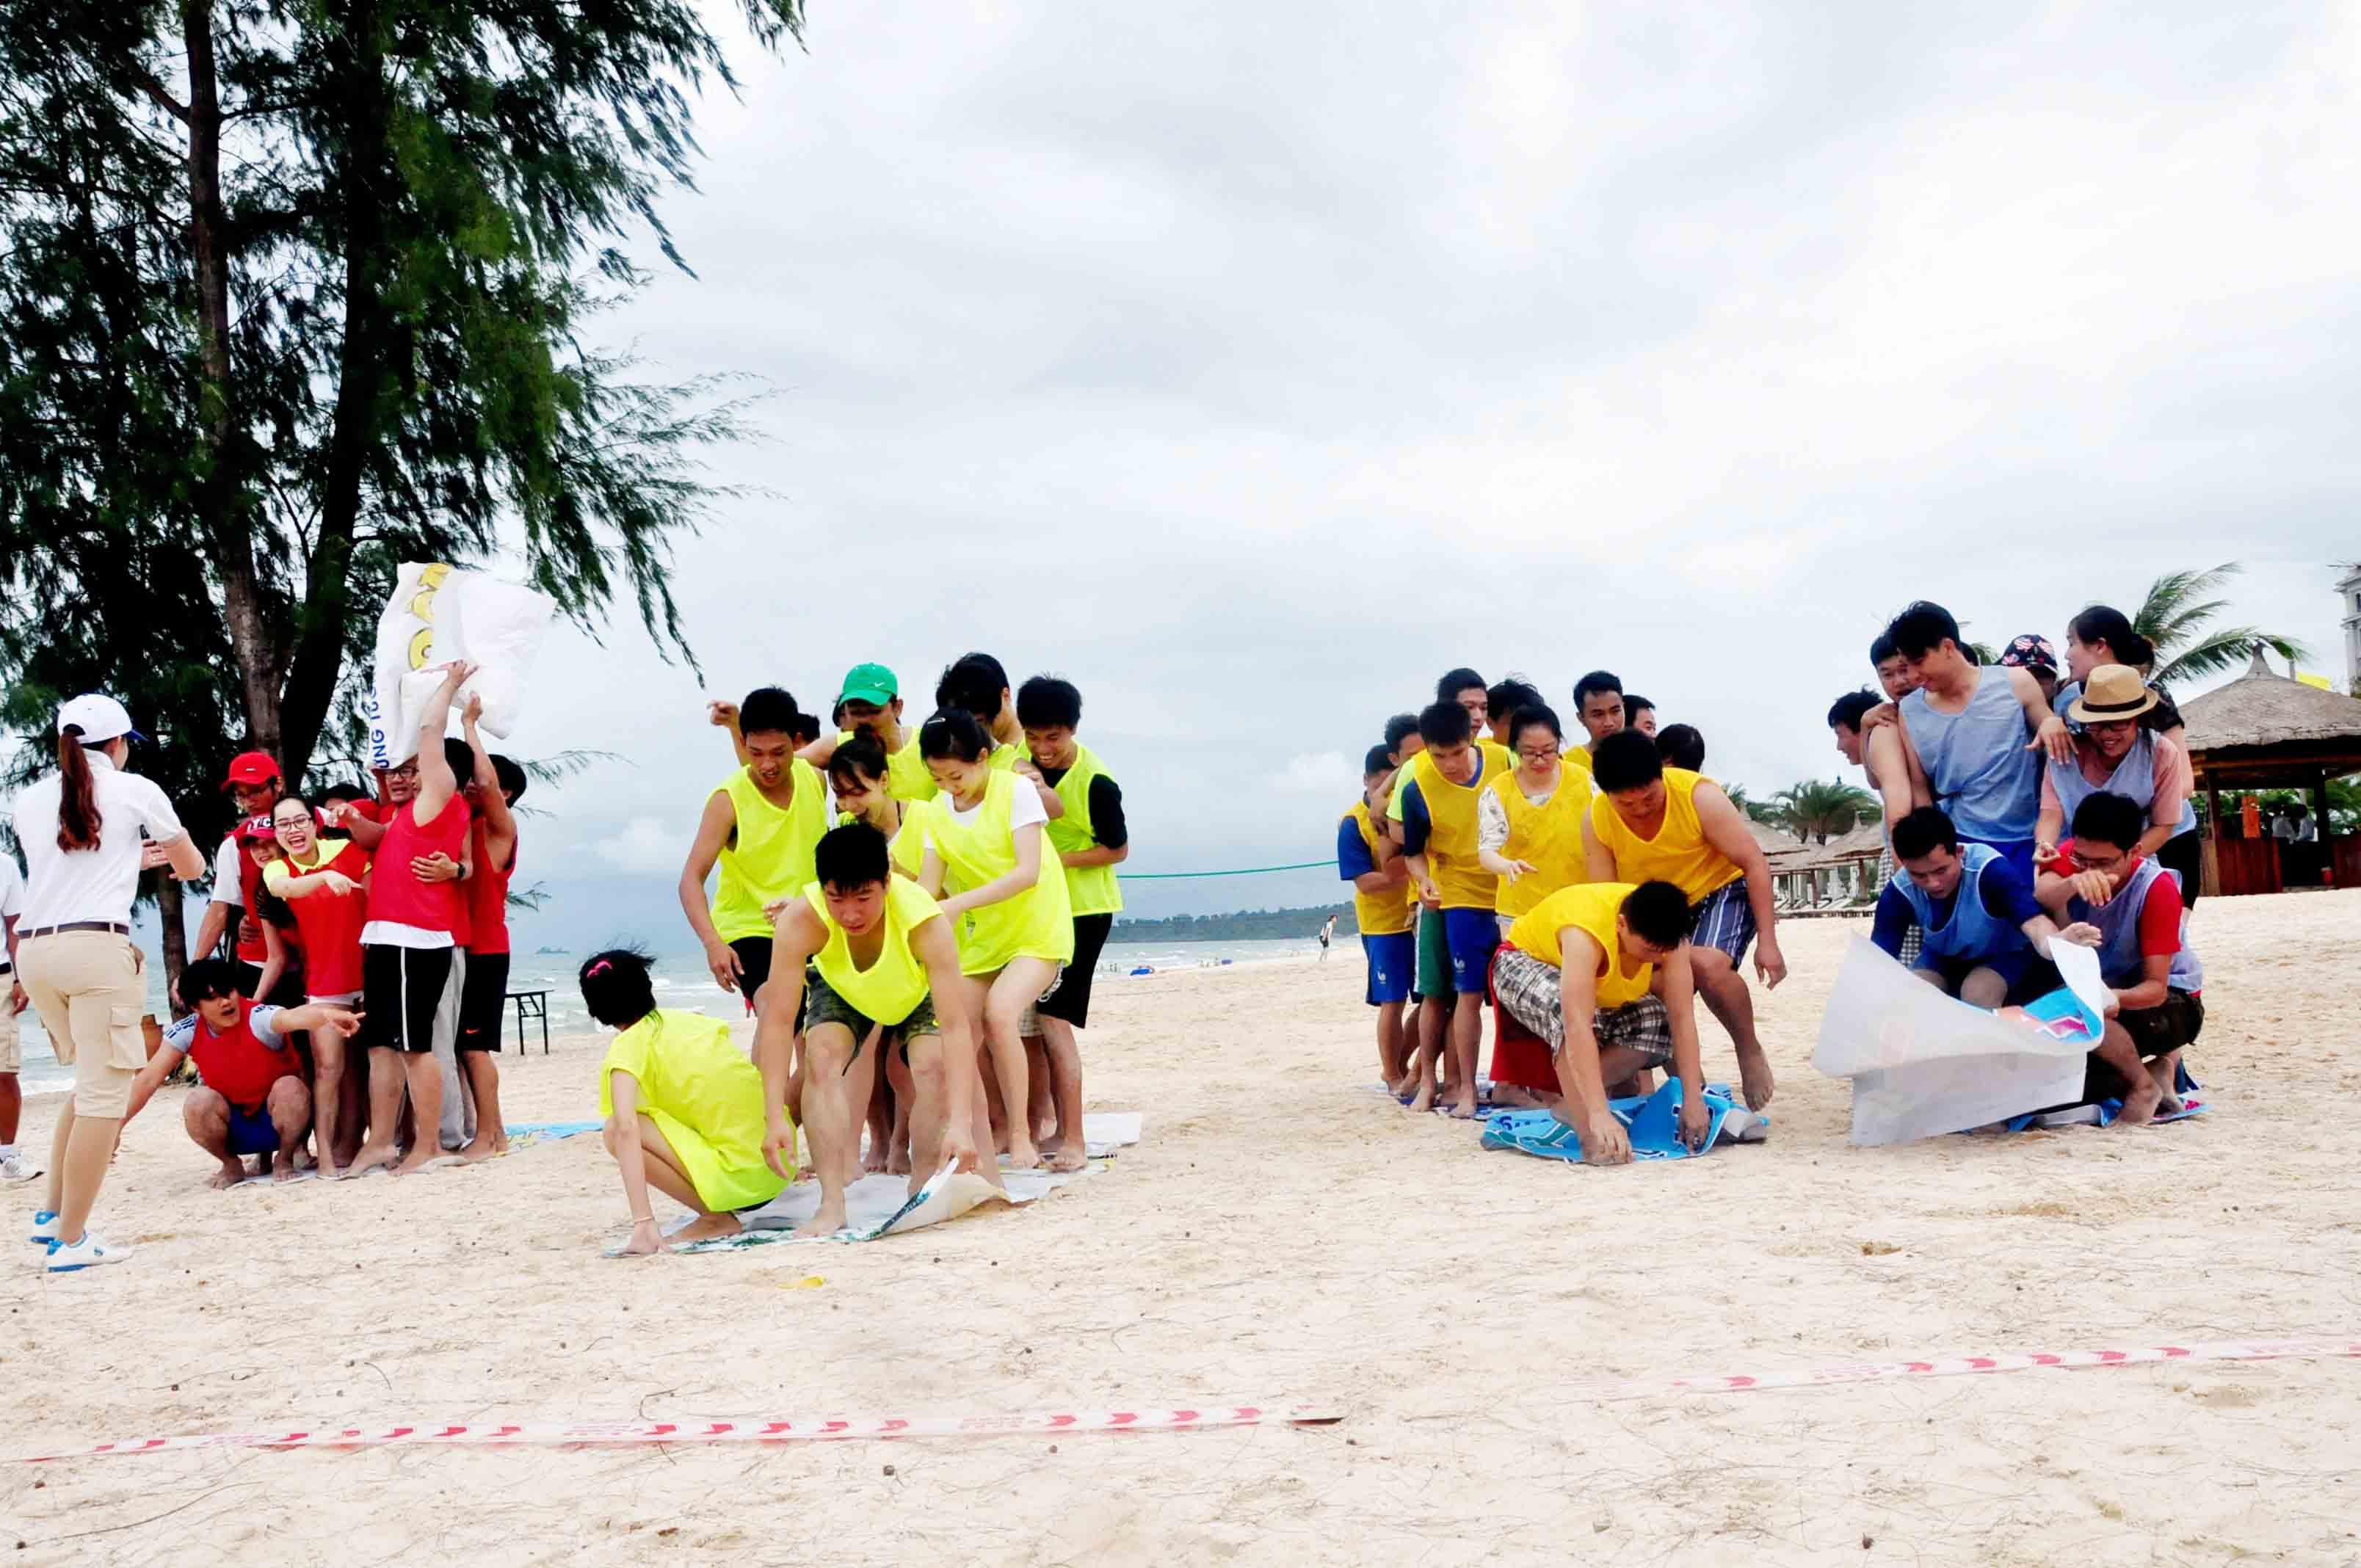 Hạo Phương du lịch nghỉ dưỡng tại Vinpearl Phú Quốc, ảnh 13